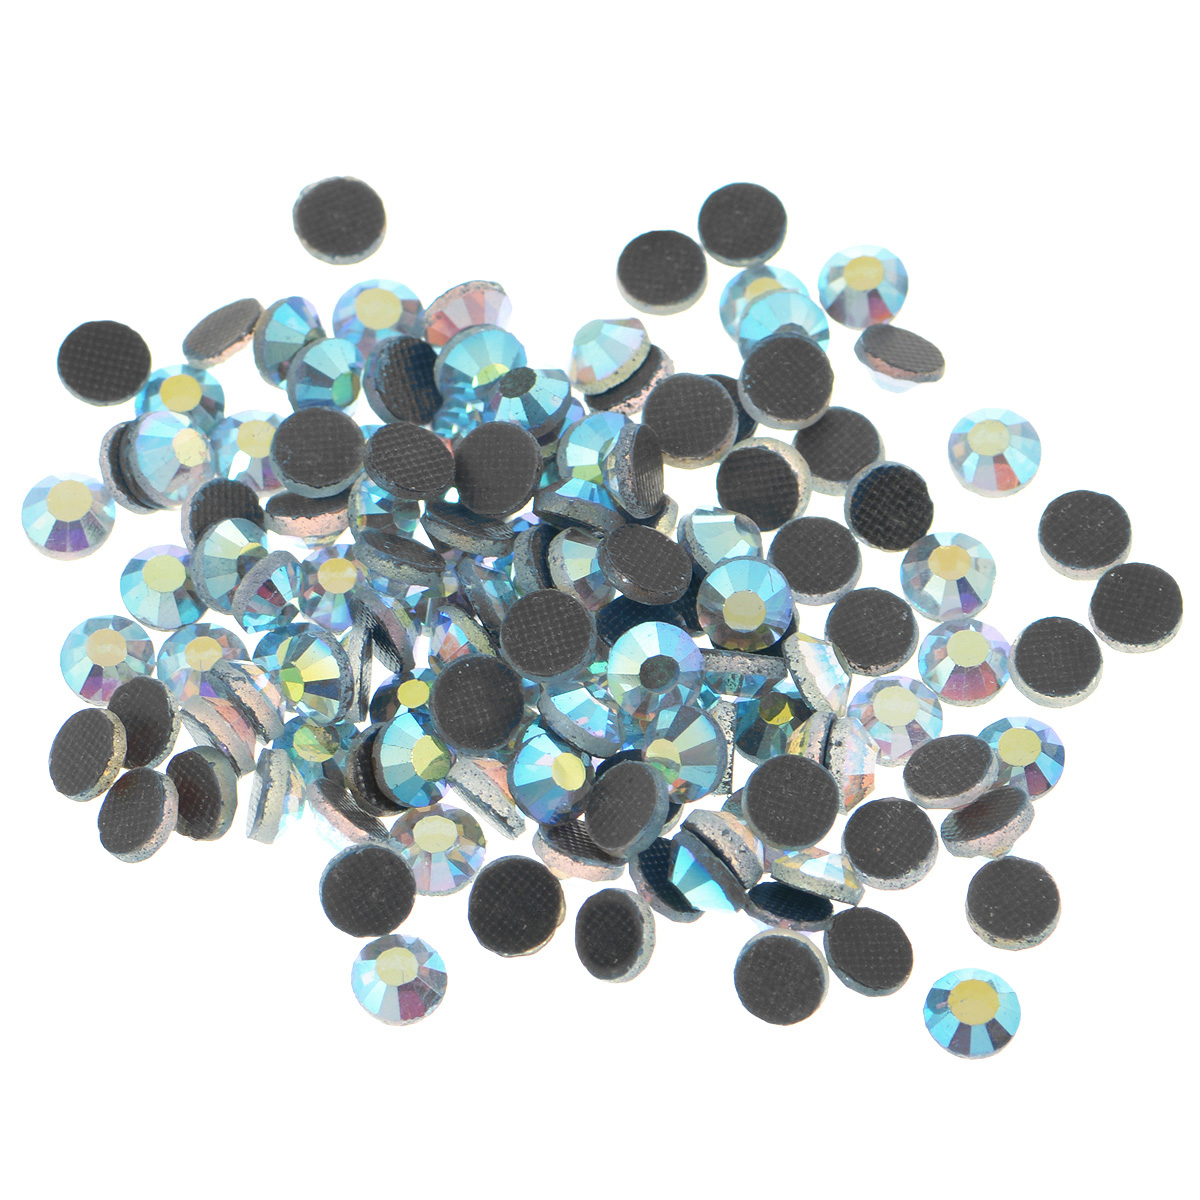 """Набор термоклеевых страз """"Cristal"""", изготовленный из высококачественного акрила, позволит вам украсить одежду, аксессуары или текстиль.   Яркие стразы имеют плоское дно и круглую поверхность с гранями. Дно термоклеевых страз уже обработано особым клеем, который под воздействием высоких температур начинает плавиться, приклеиваясь, таким образом, к требуемой поверхности. Чаще всего их используют в текстильной промышленности: стразы прикладывают к ткани и проглаживают утюгом с обратной стороны. Также можно использовать специальный паяльник. Украшение стразами поможет сделать любую вещь оригинальной и неповторимой. Диаметр стразы: 4,8 мм.    Уважаемые клиенты!  Обращаем ваше внимание на возможное варьирование количества страз в упаковке, +-5 шт."""